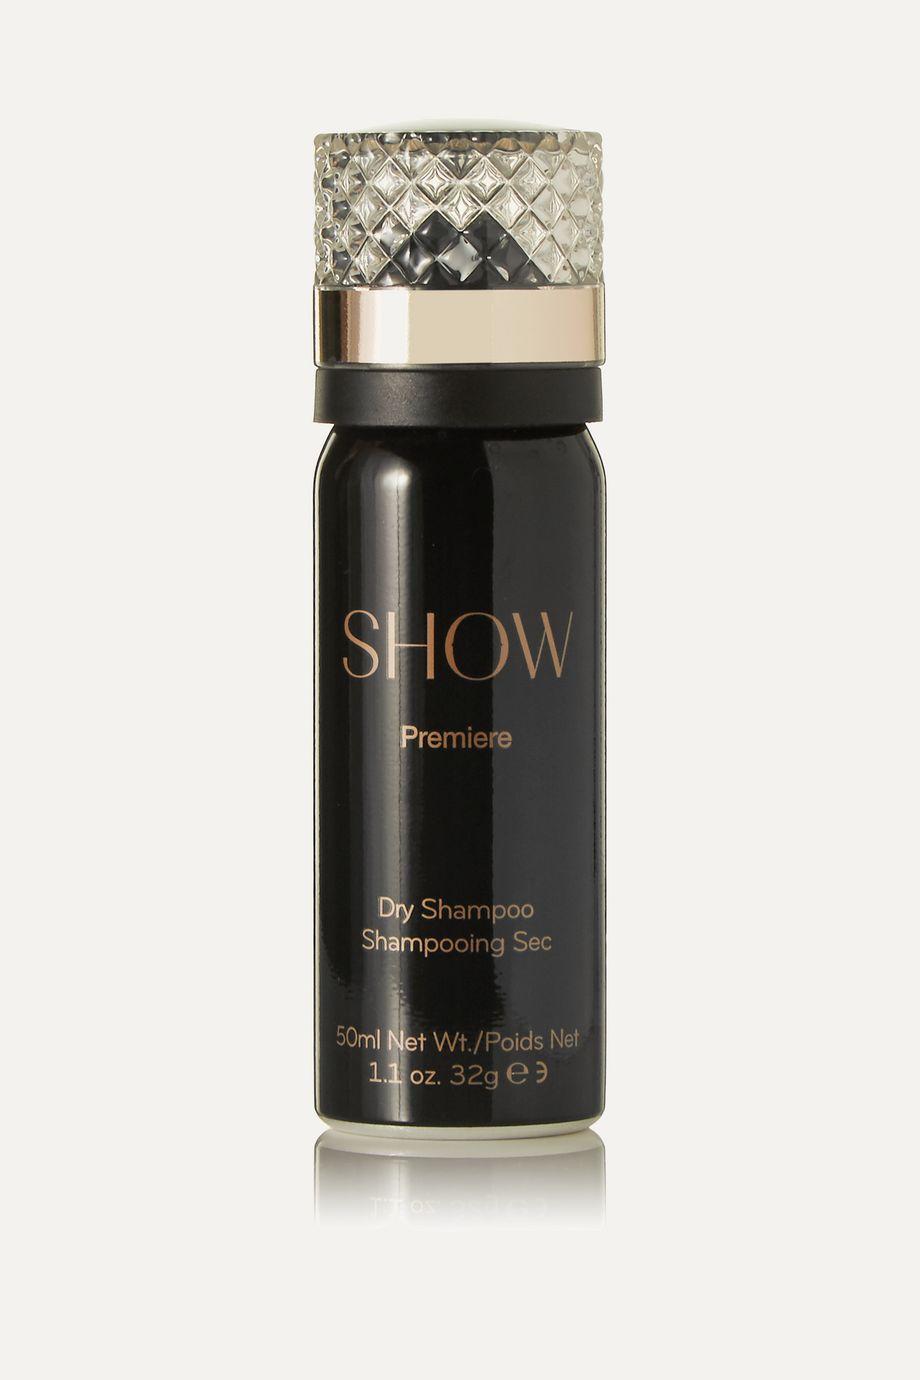 SHOW Beauty Premiere Dry Shampoo, 50ml